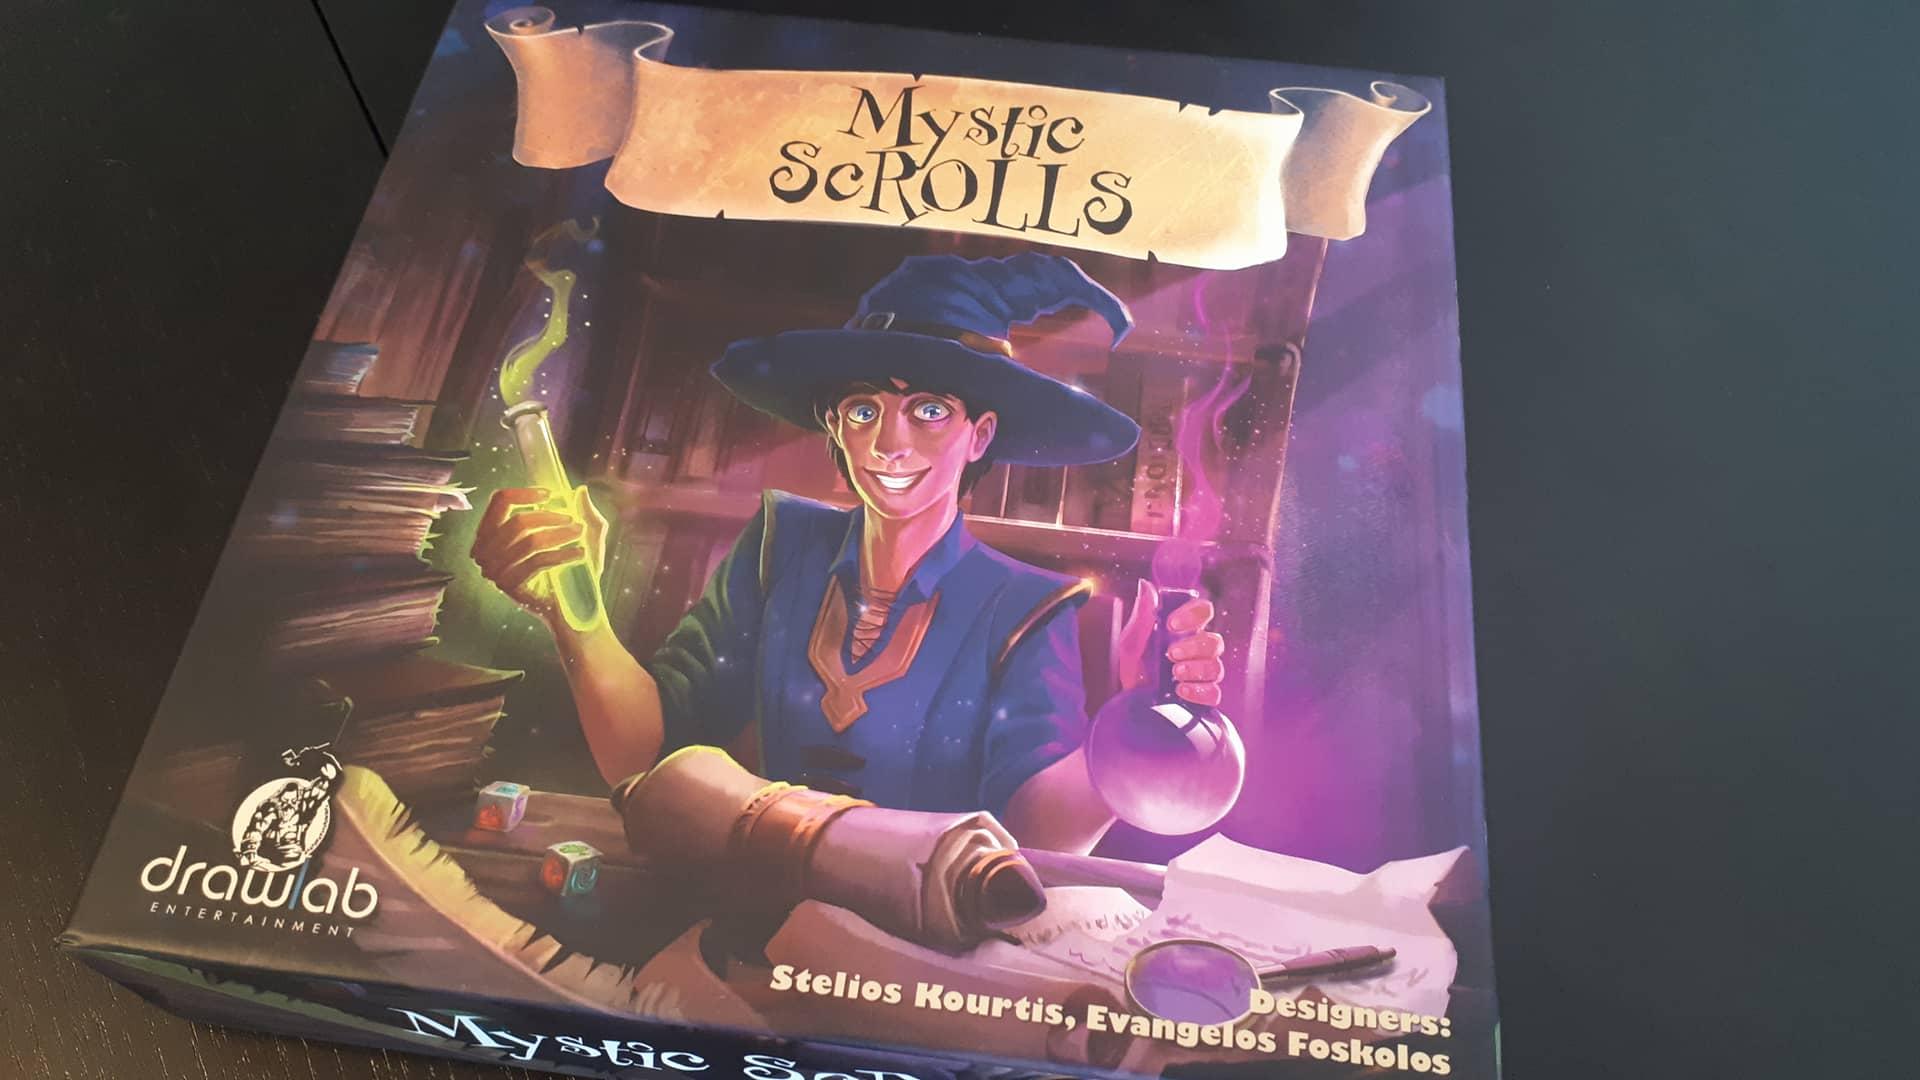 Mystic Scrolls – Безумие и хаос, но работи!